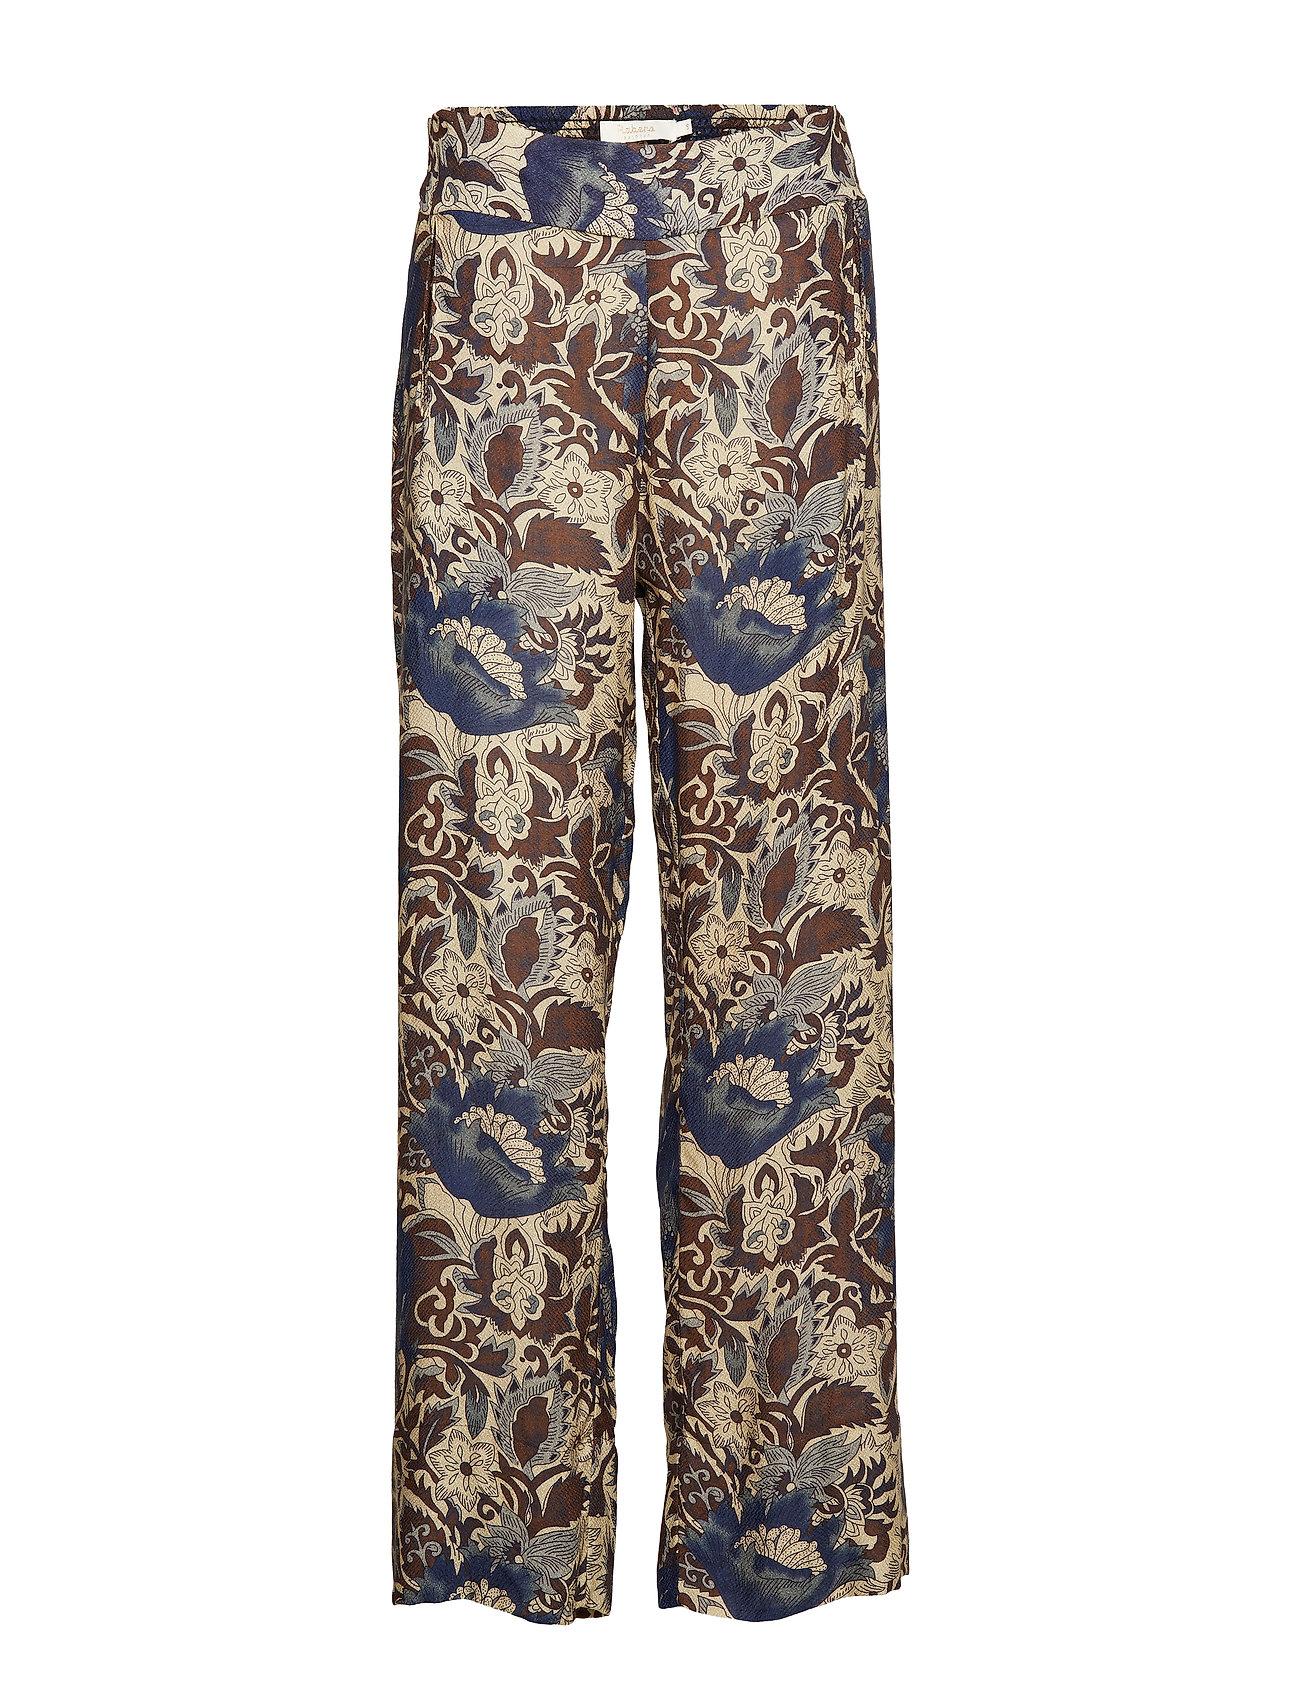 Rabens Saloner Wallflower wide leg pant - NAVY